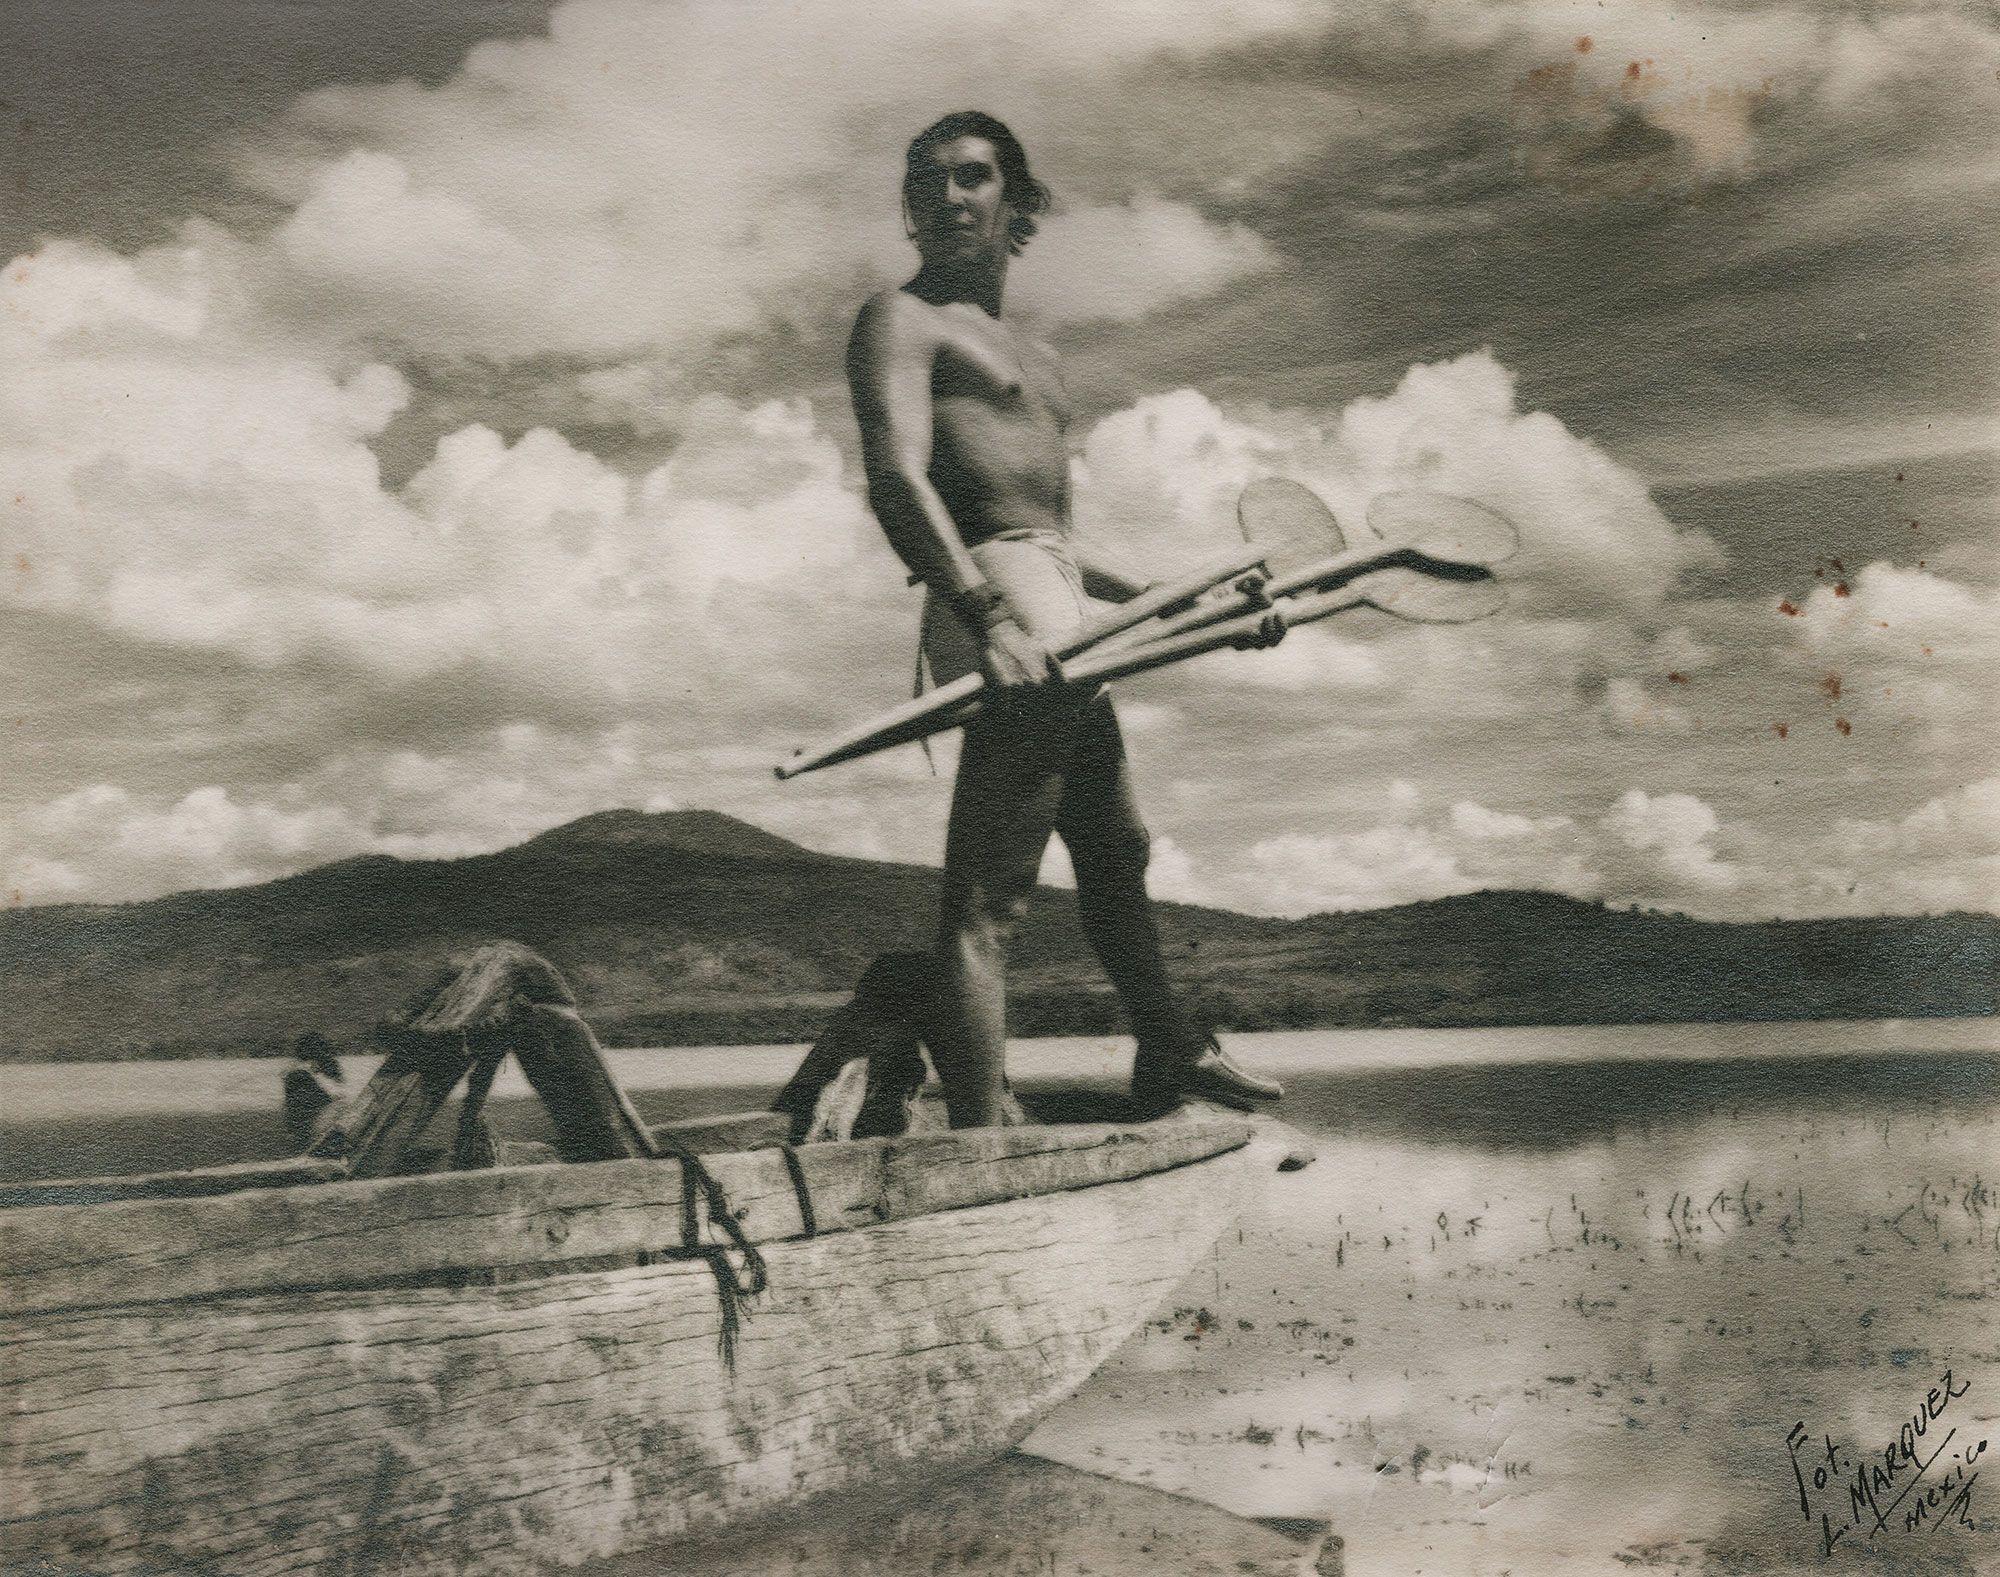 Luis Márquez Romay (1899-1978. Janitzio, 1935. Plata sobre gelatina (impresión de época), 19.5 x 24.5 cm. México D.F., Colección Galería López Quiroga